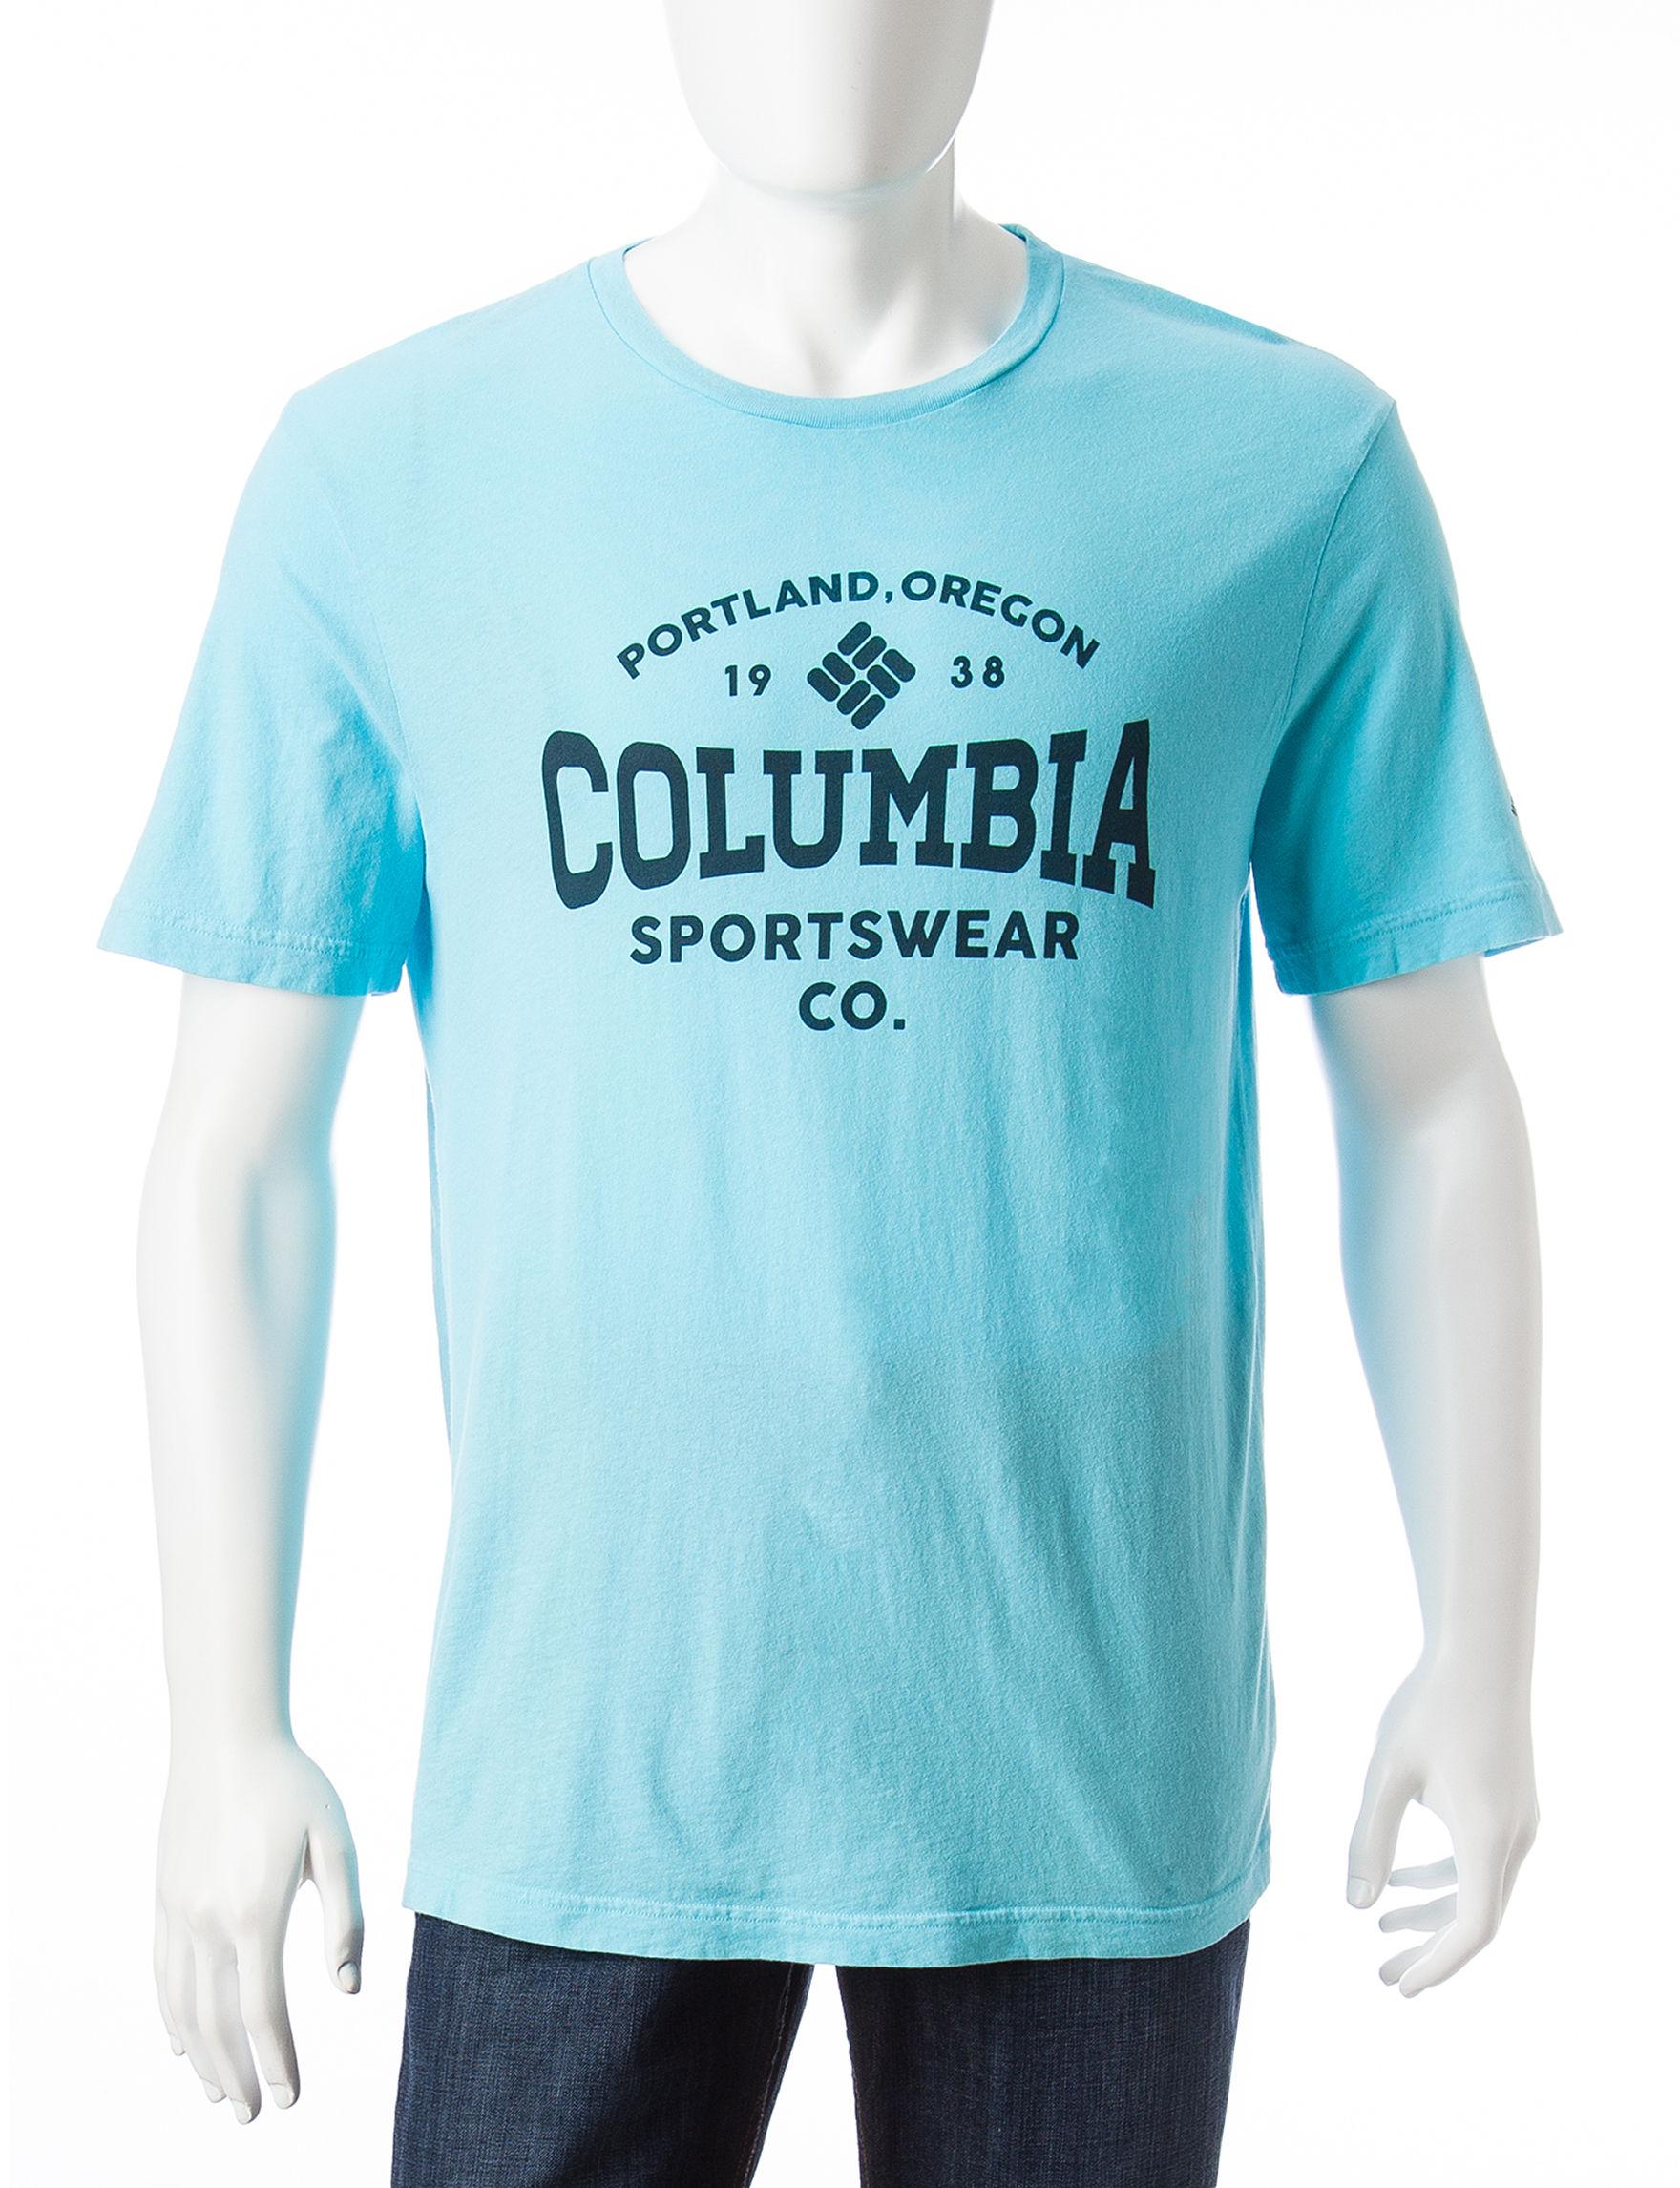 Columbia Blue Tees & Tanks